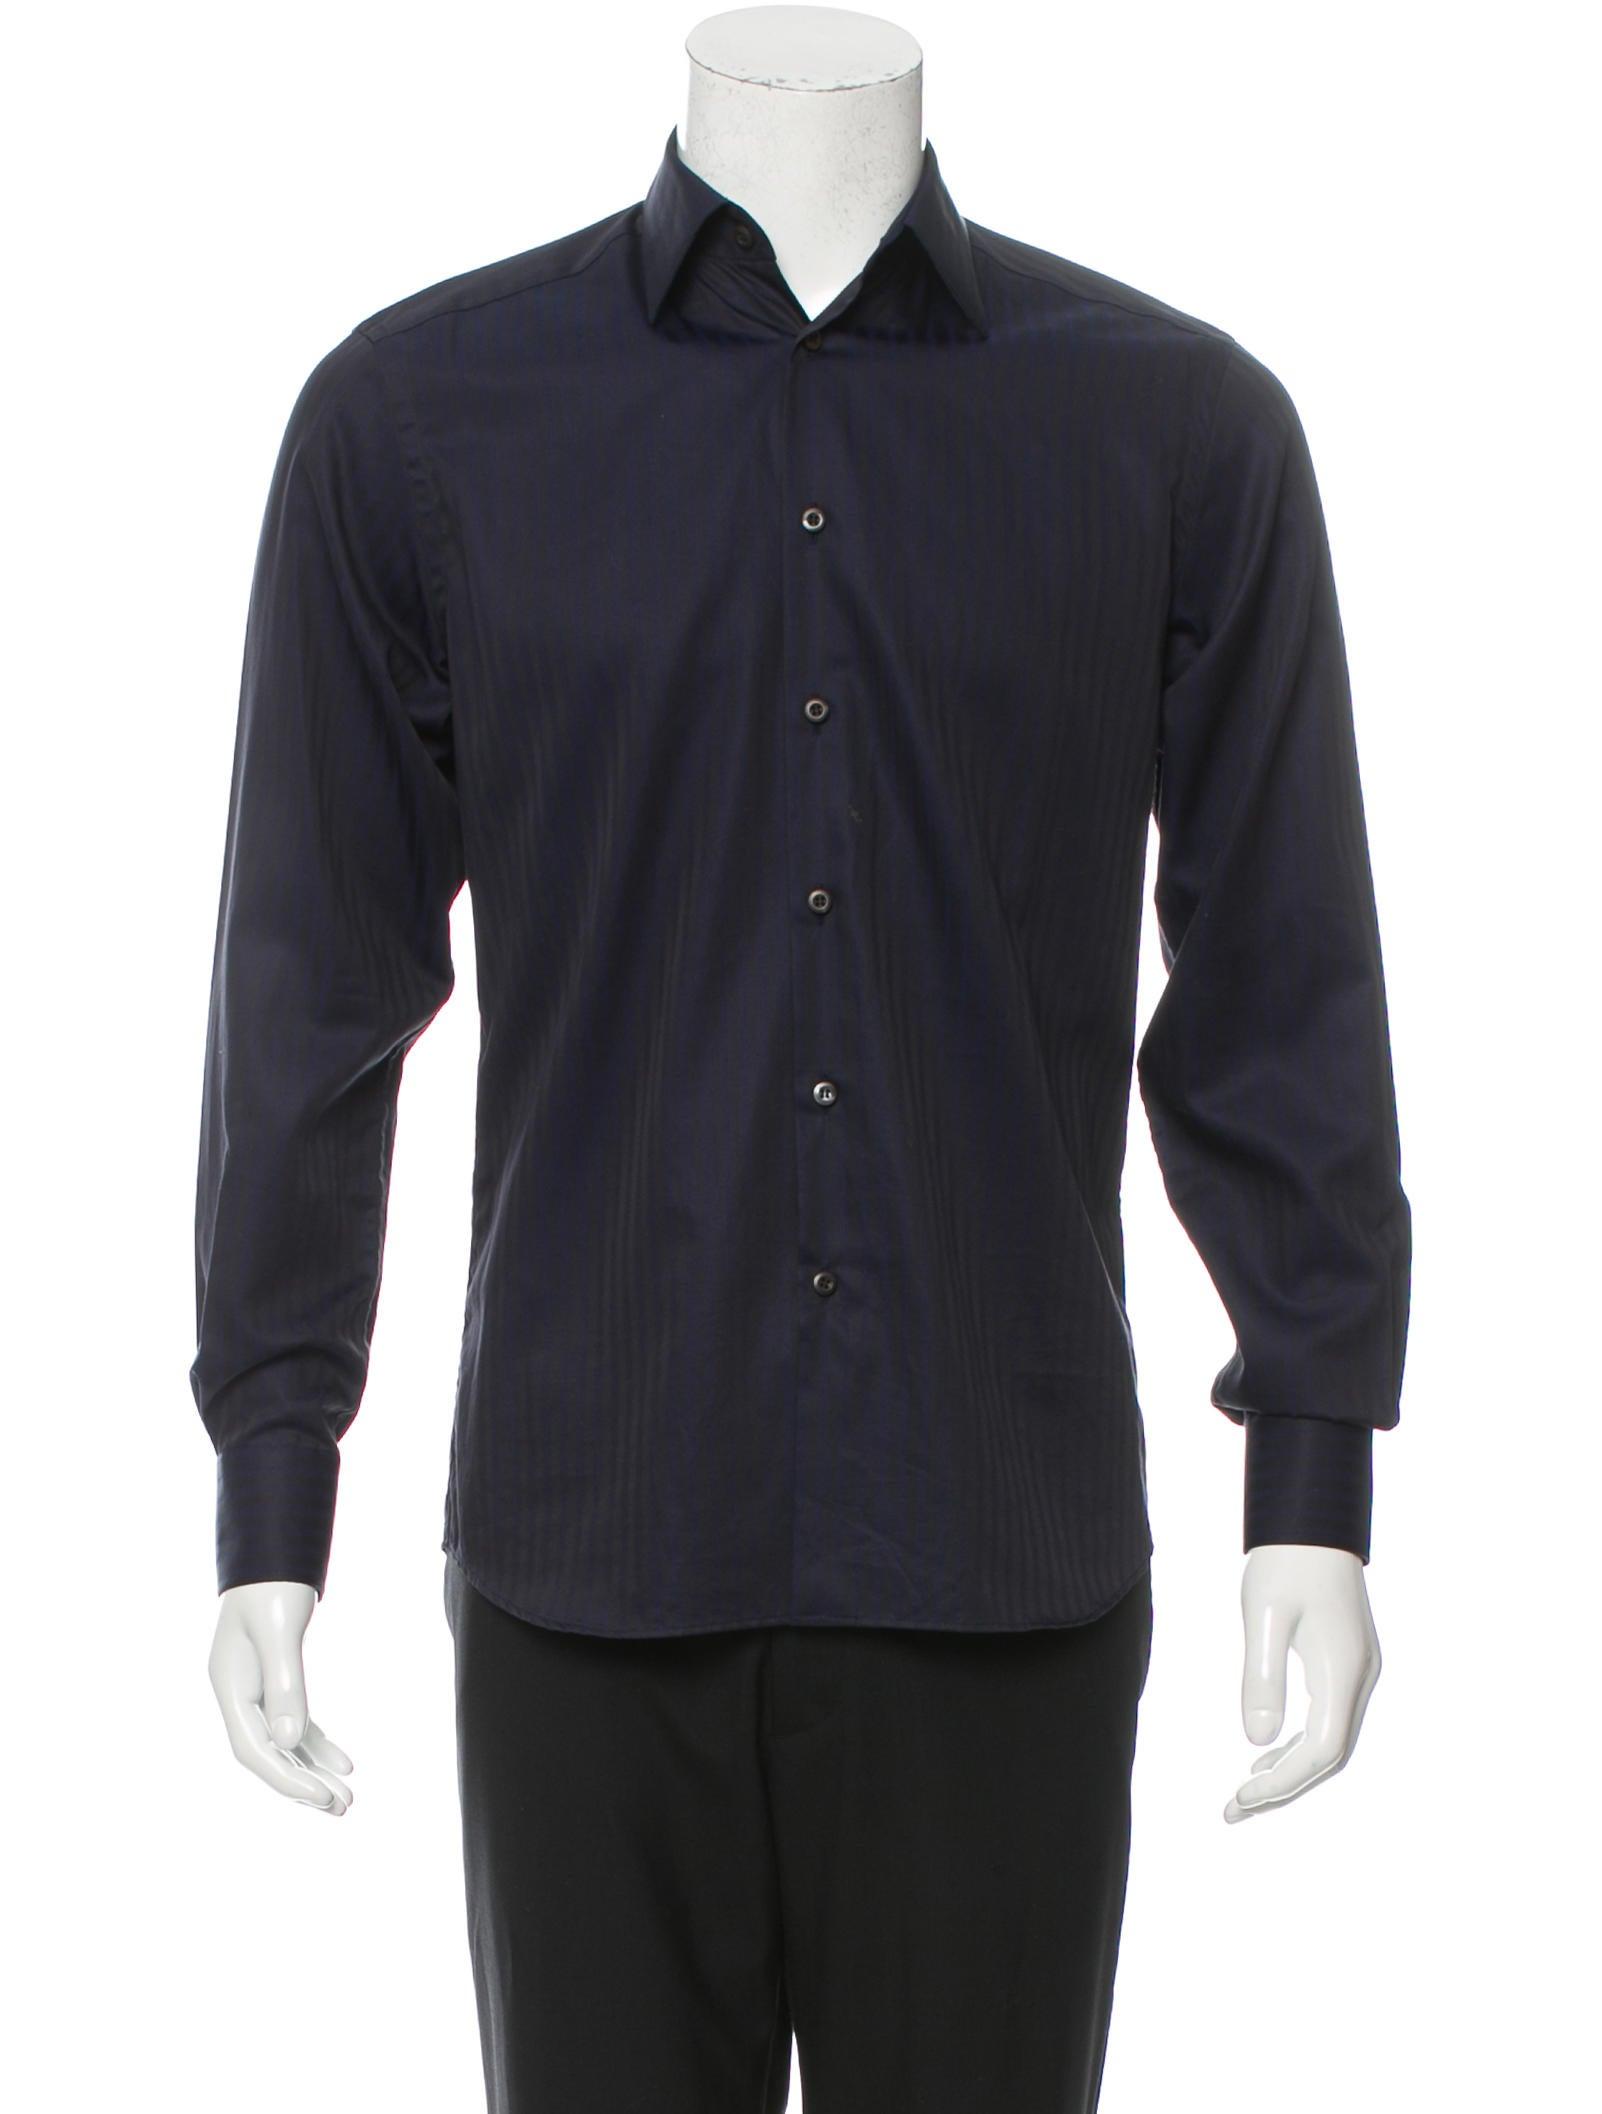 Prada striped button up shirt clothing pra143467 the for Striped button up shirt mens